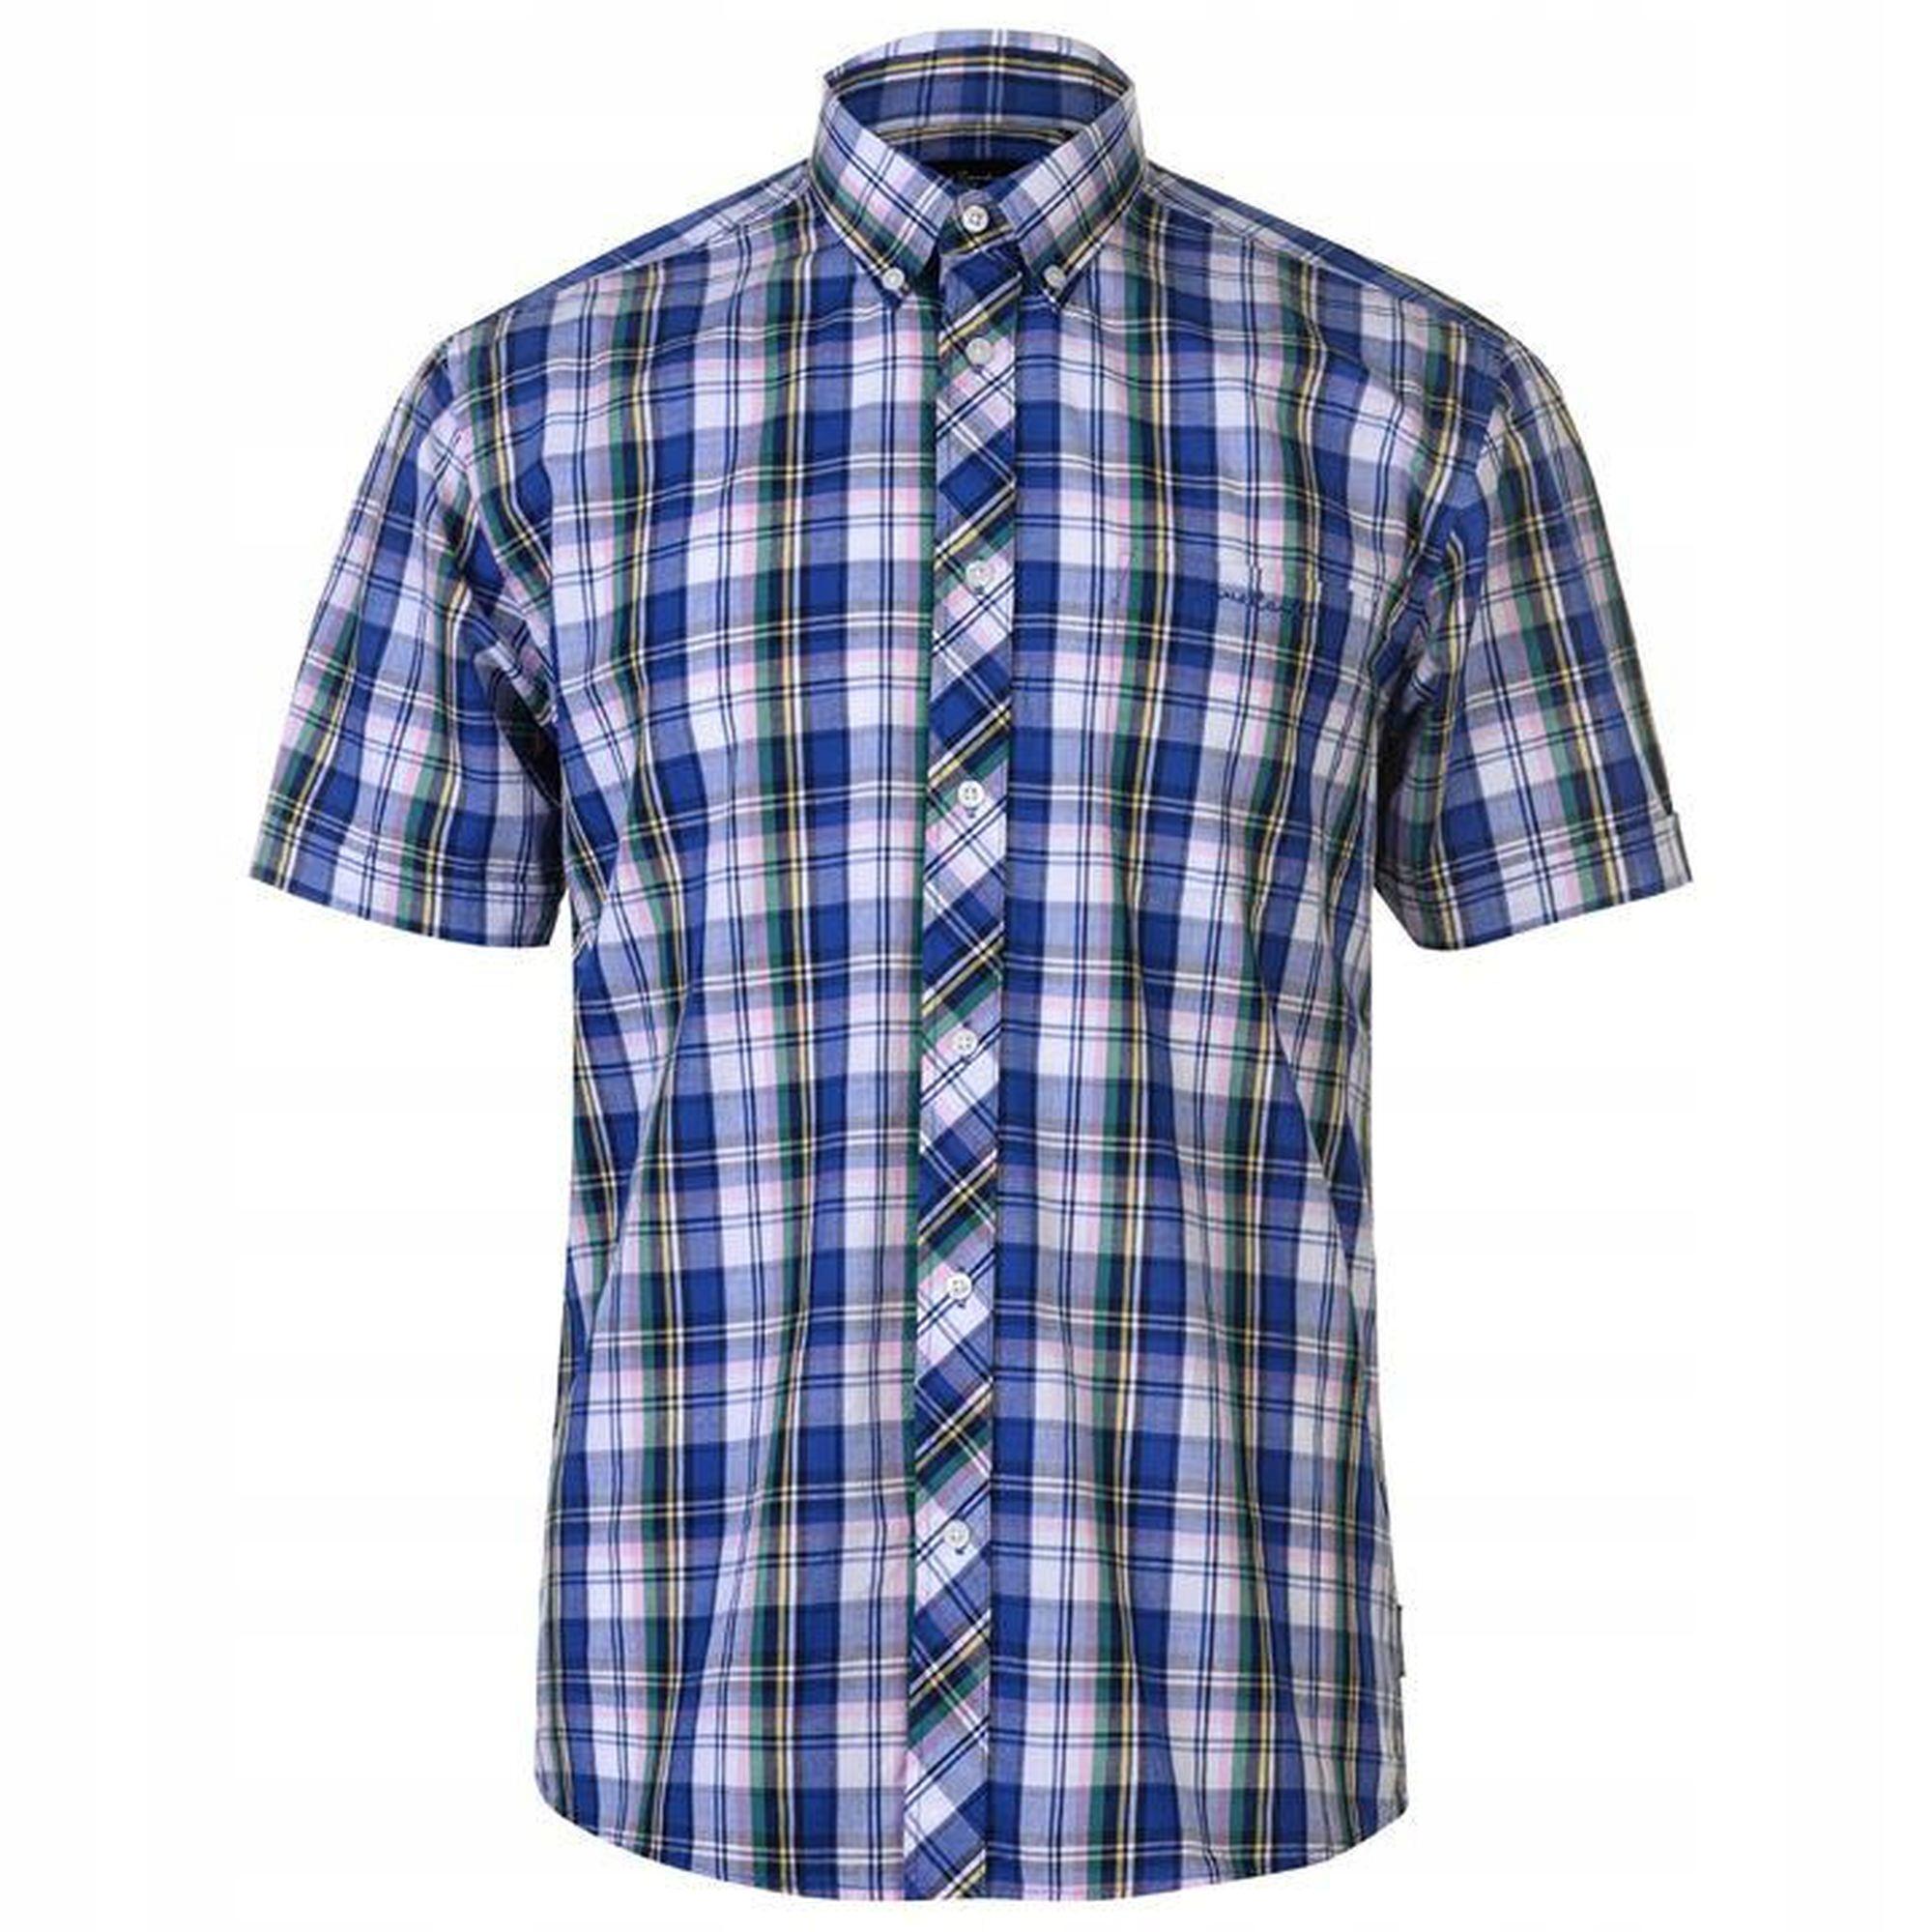 Koszula krótki rękaw PIERRE CARDIN kratka 41-42 XL